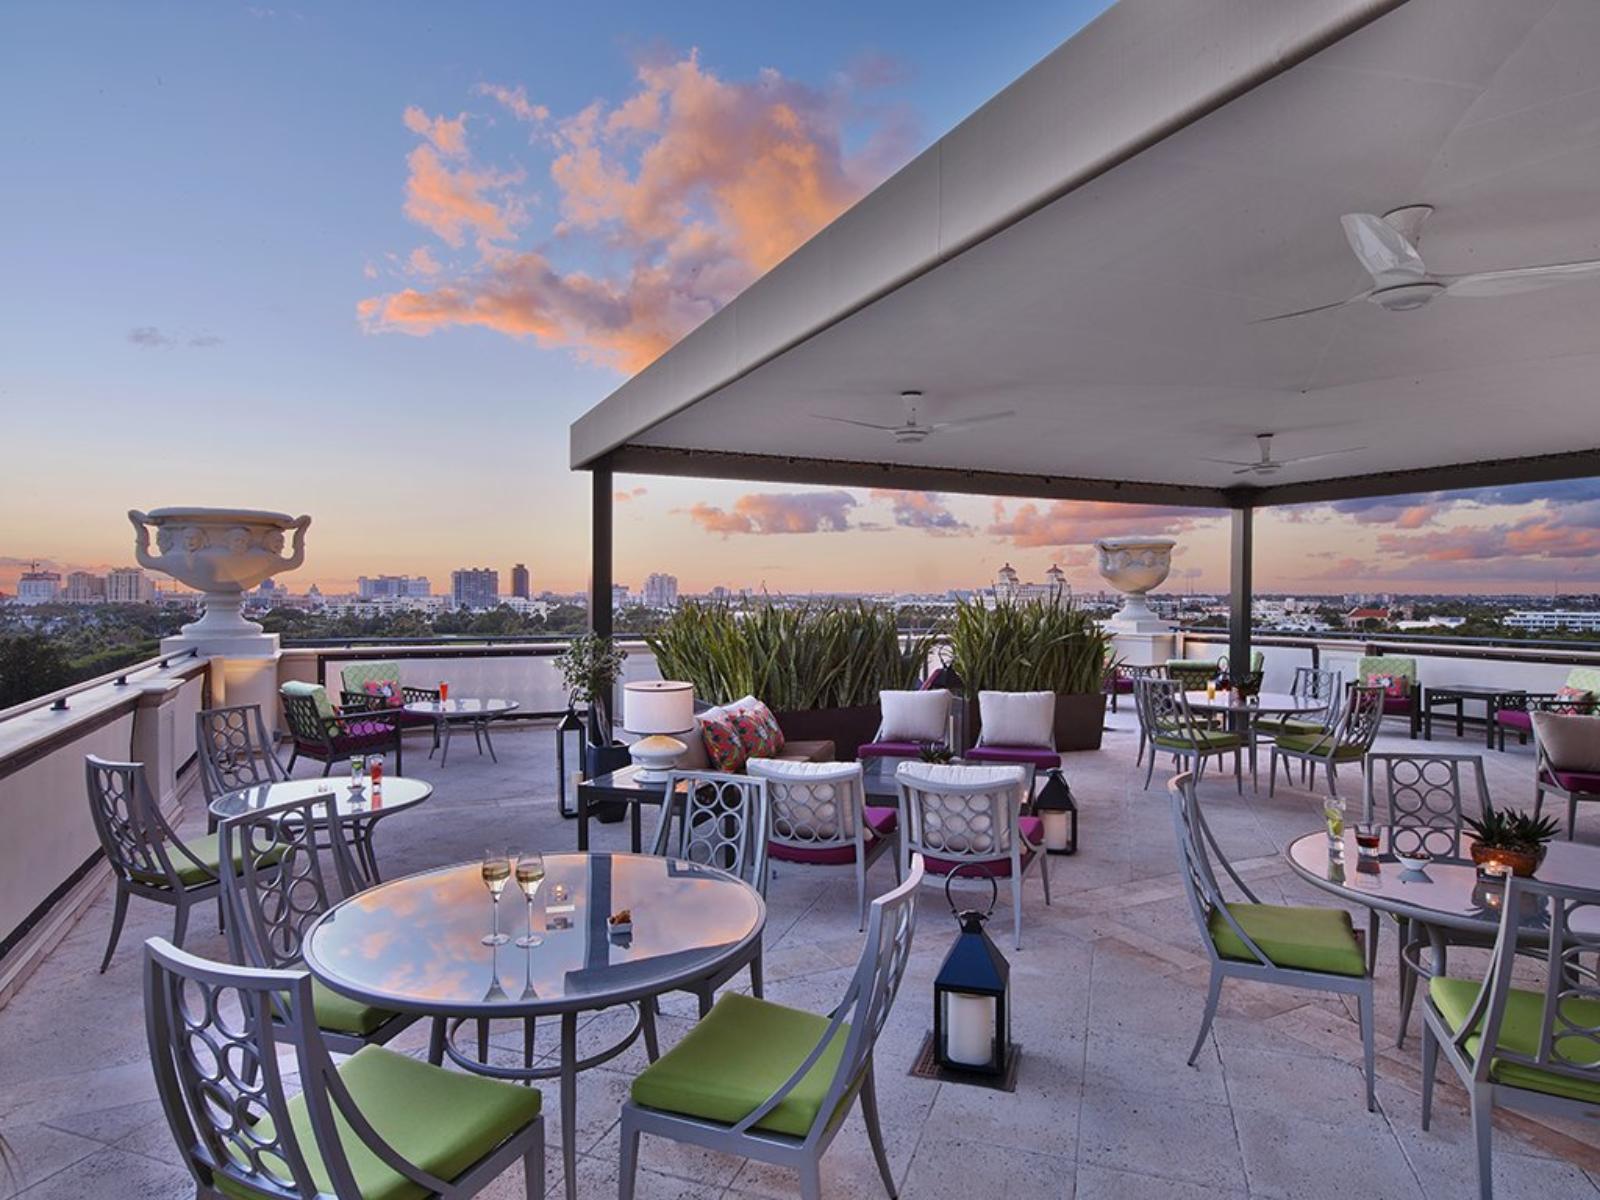 Rooftop Deck with Vistas